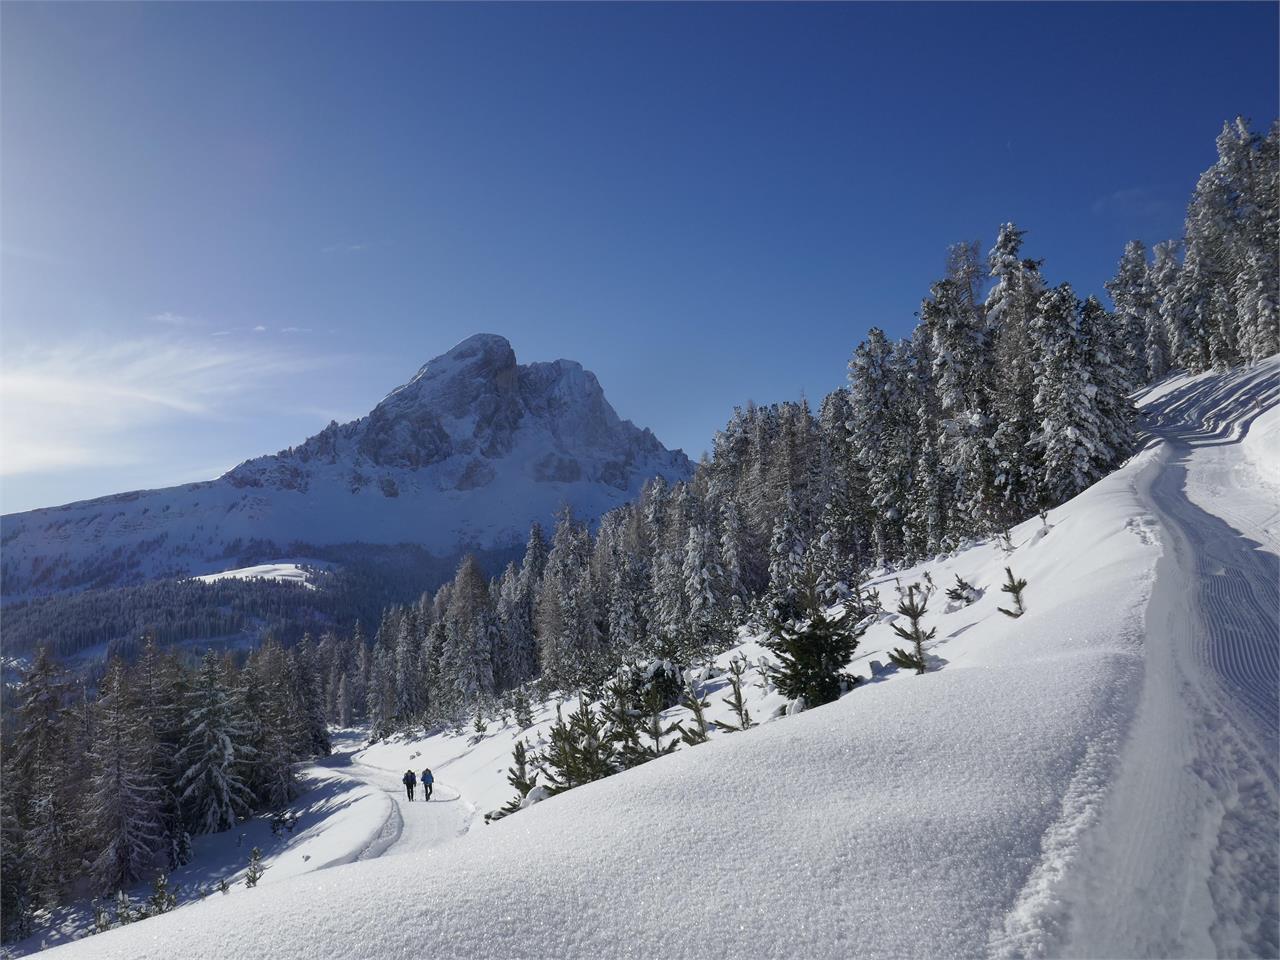 Passeggiata invernale al Monte Muro